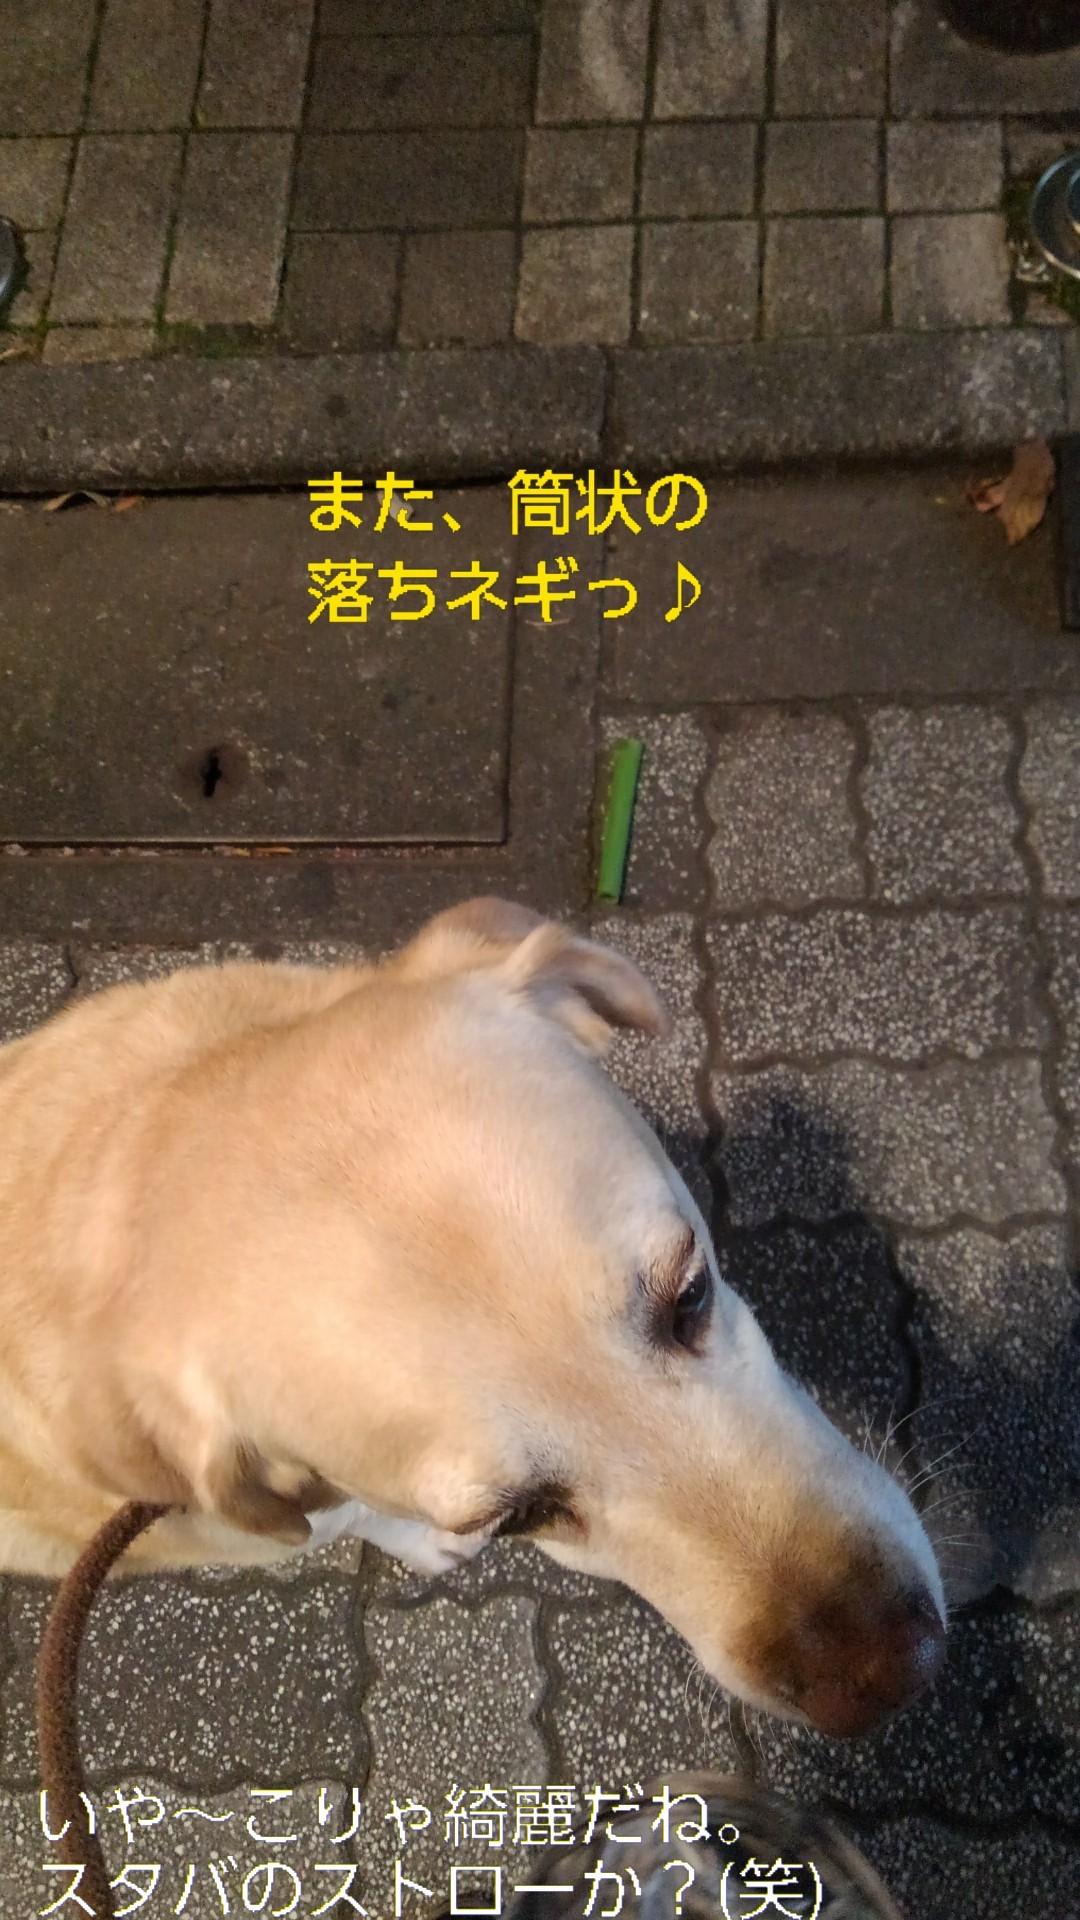 高円寺の落ちネギ・82、83(筒×2)_b0339522_13071486.jpg